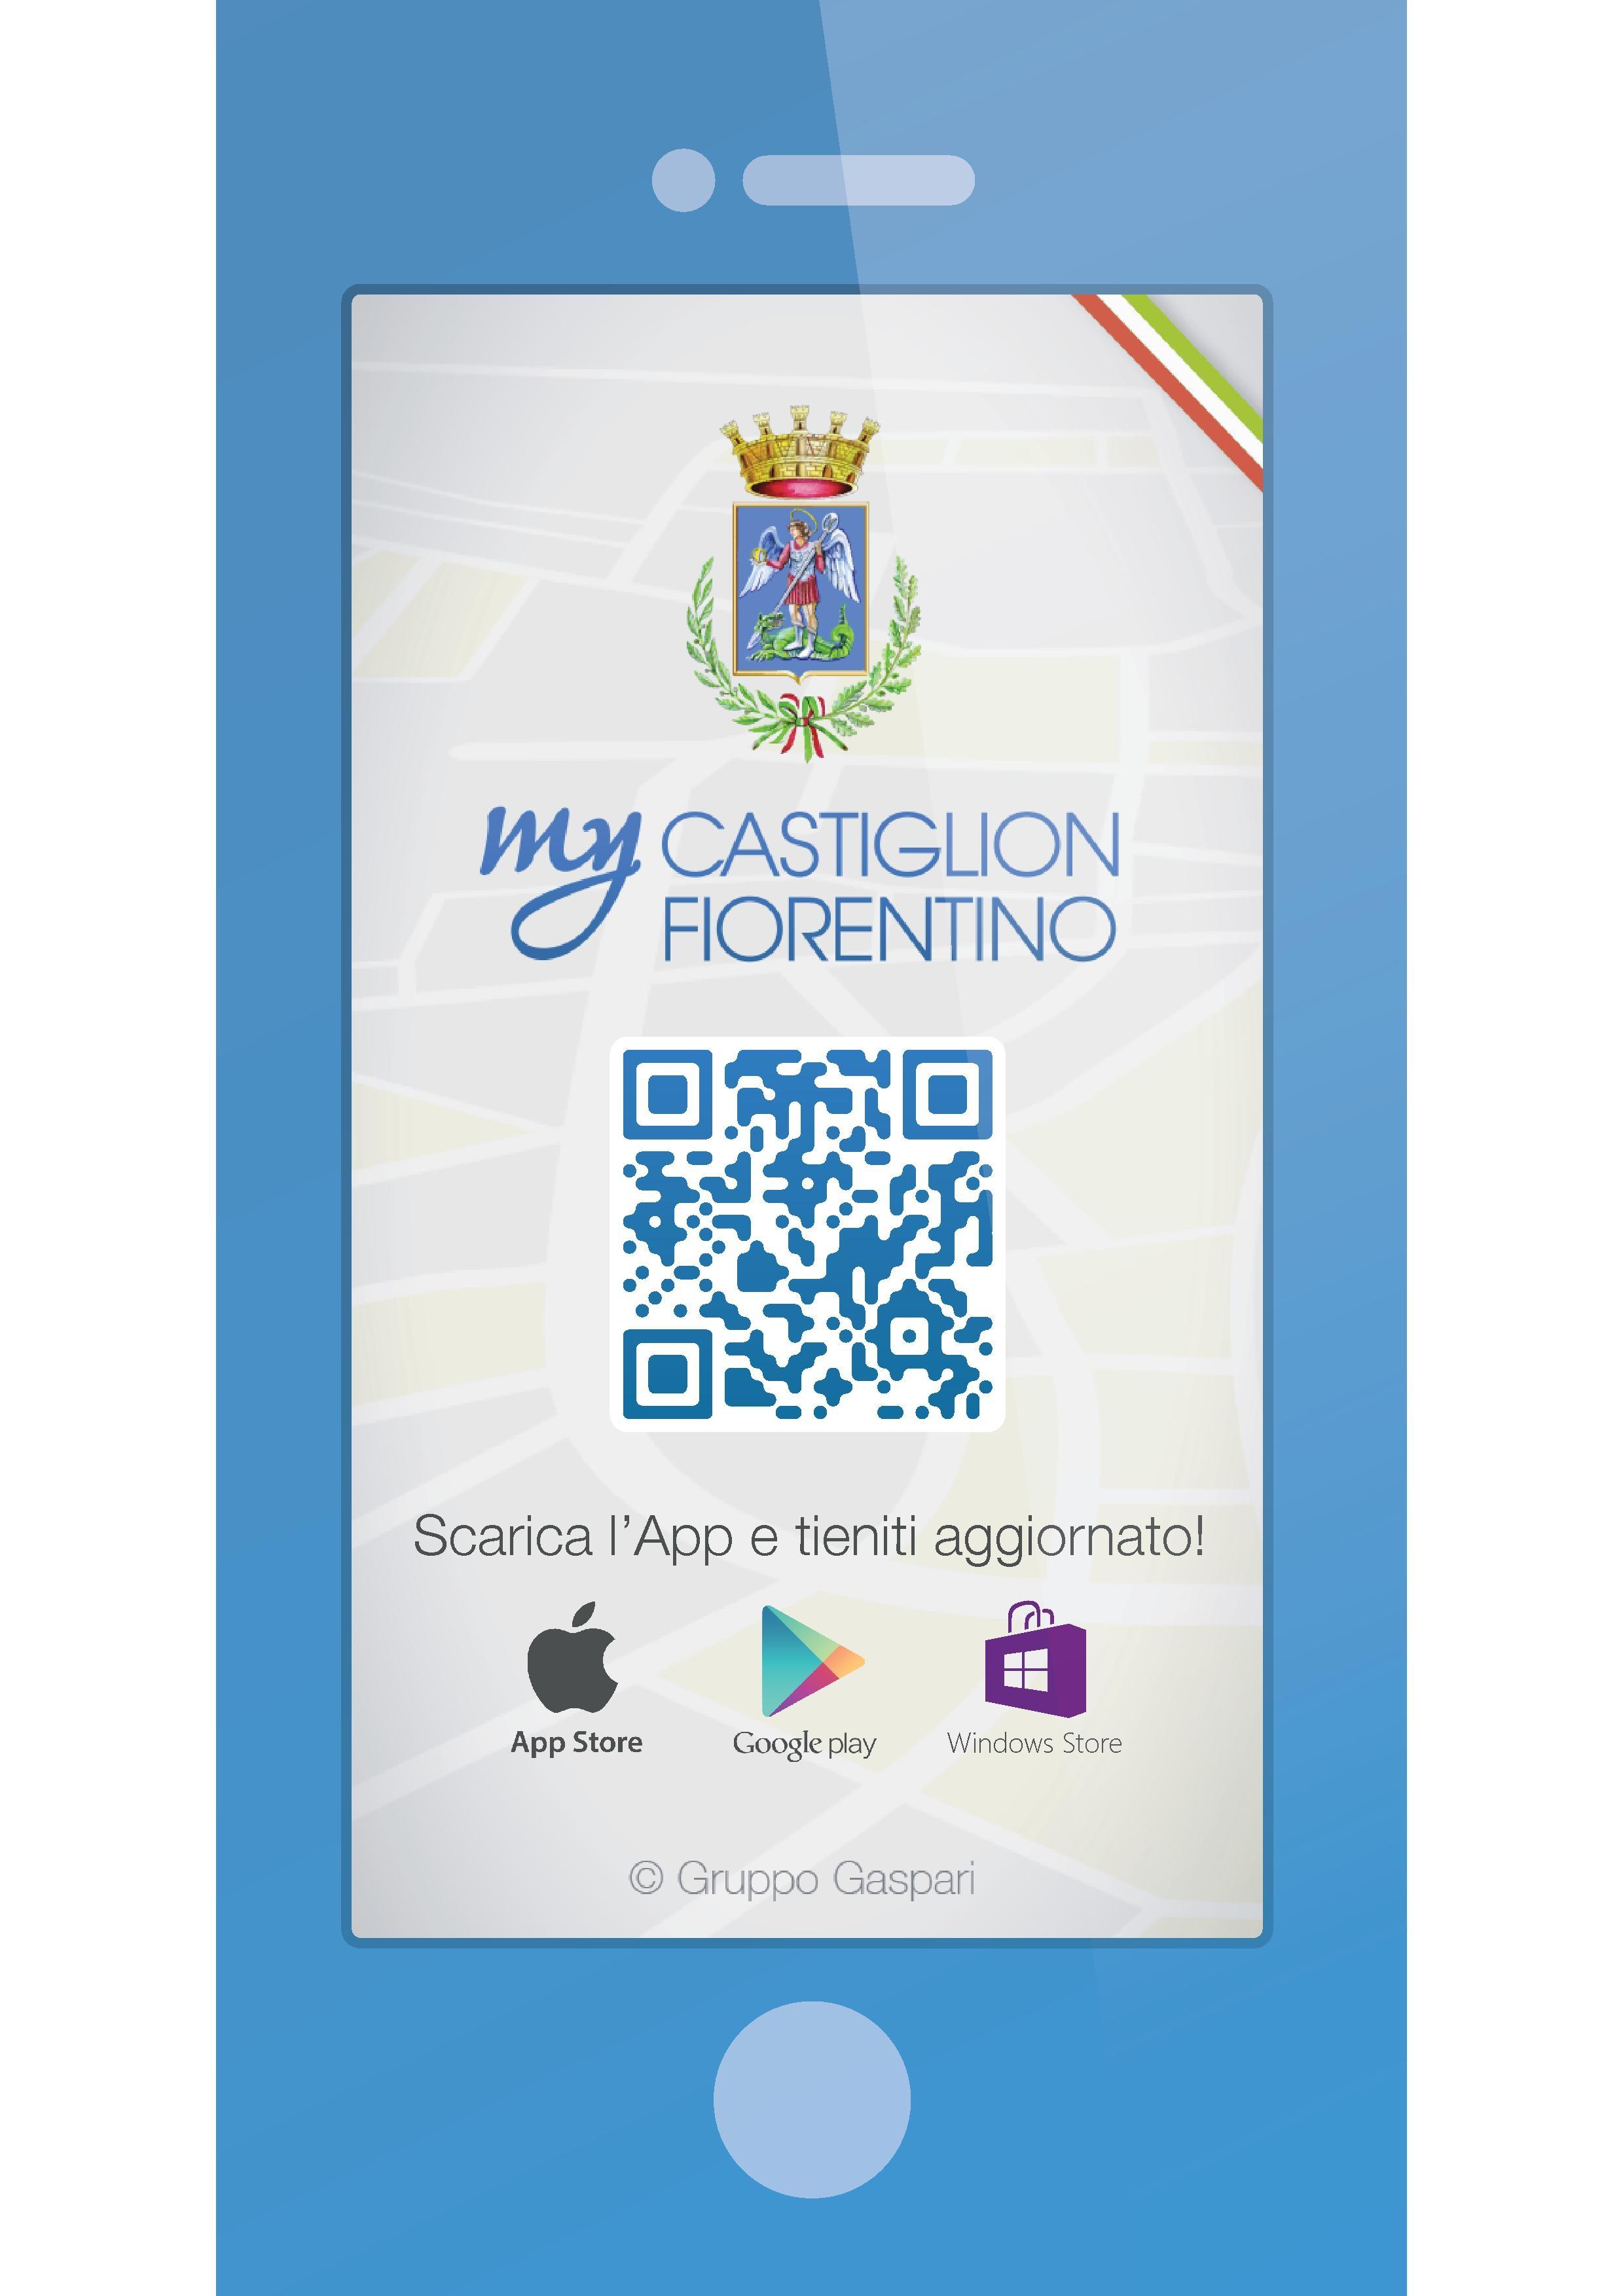 Castiglion Fiorentino comune 'smart' con l'App istituzionale